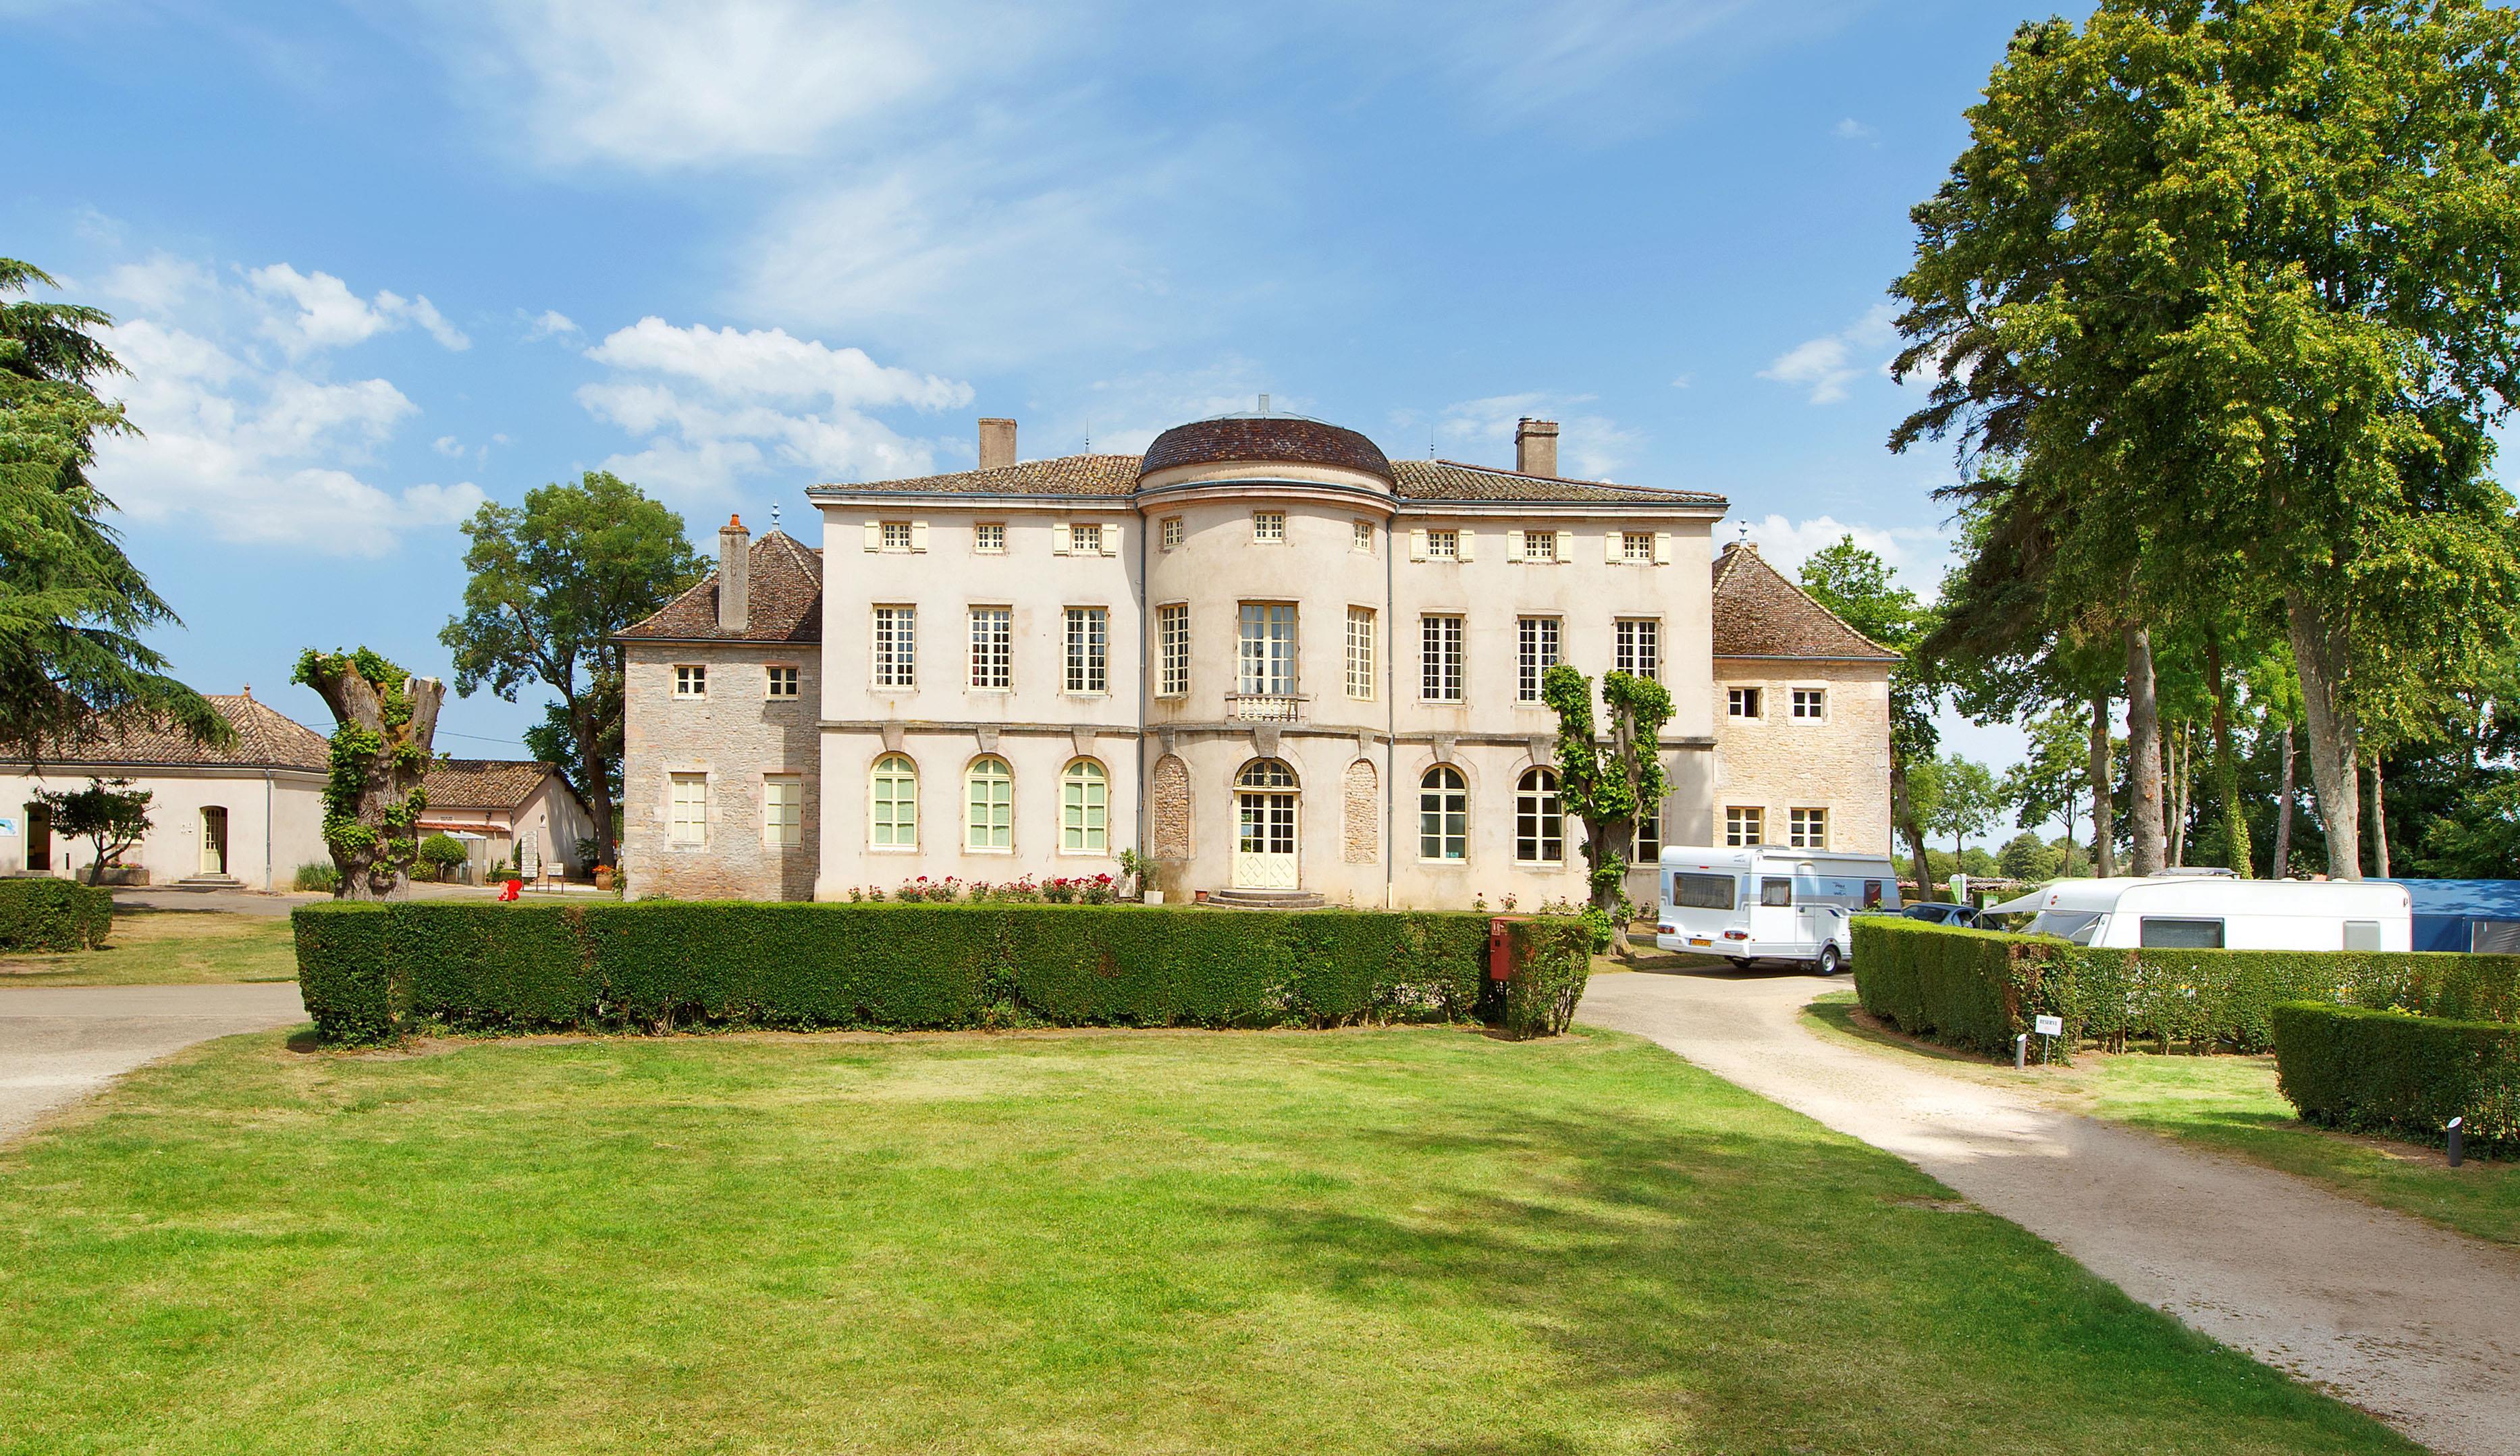 Castel-Camping Chateau de l'Eperviere, Gigny-sur-Saone, Saône-et-Loire